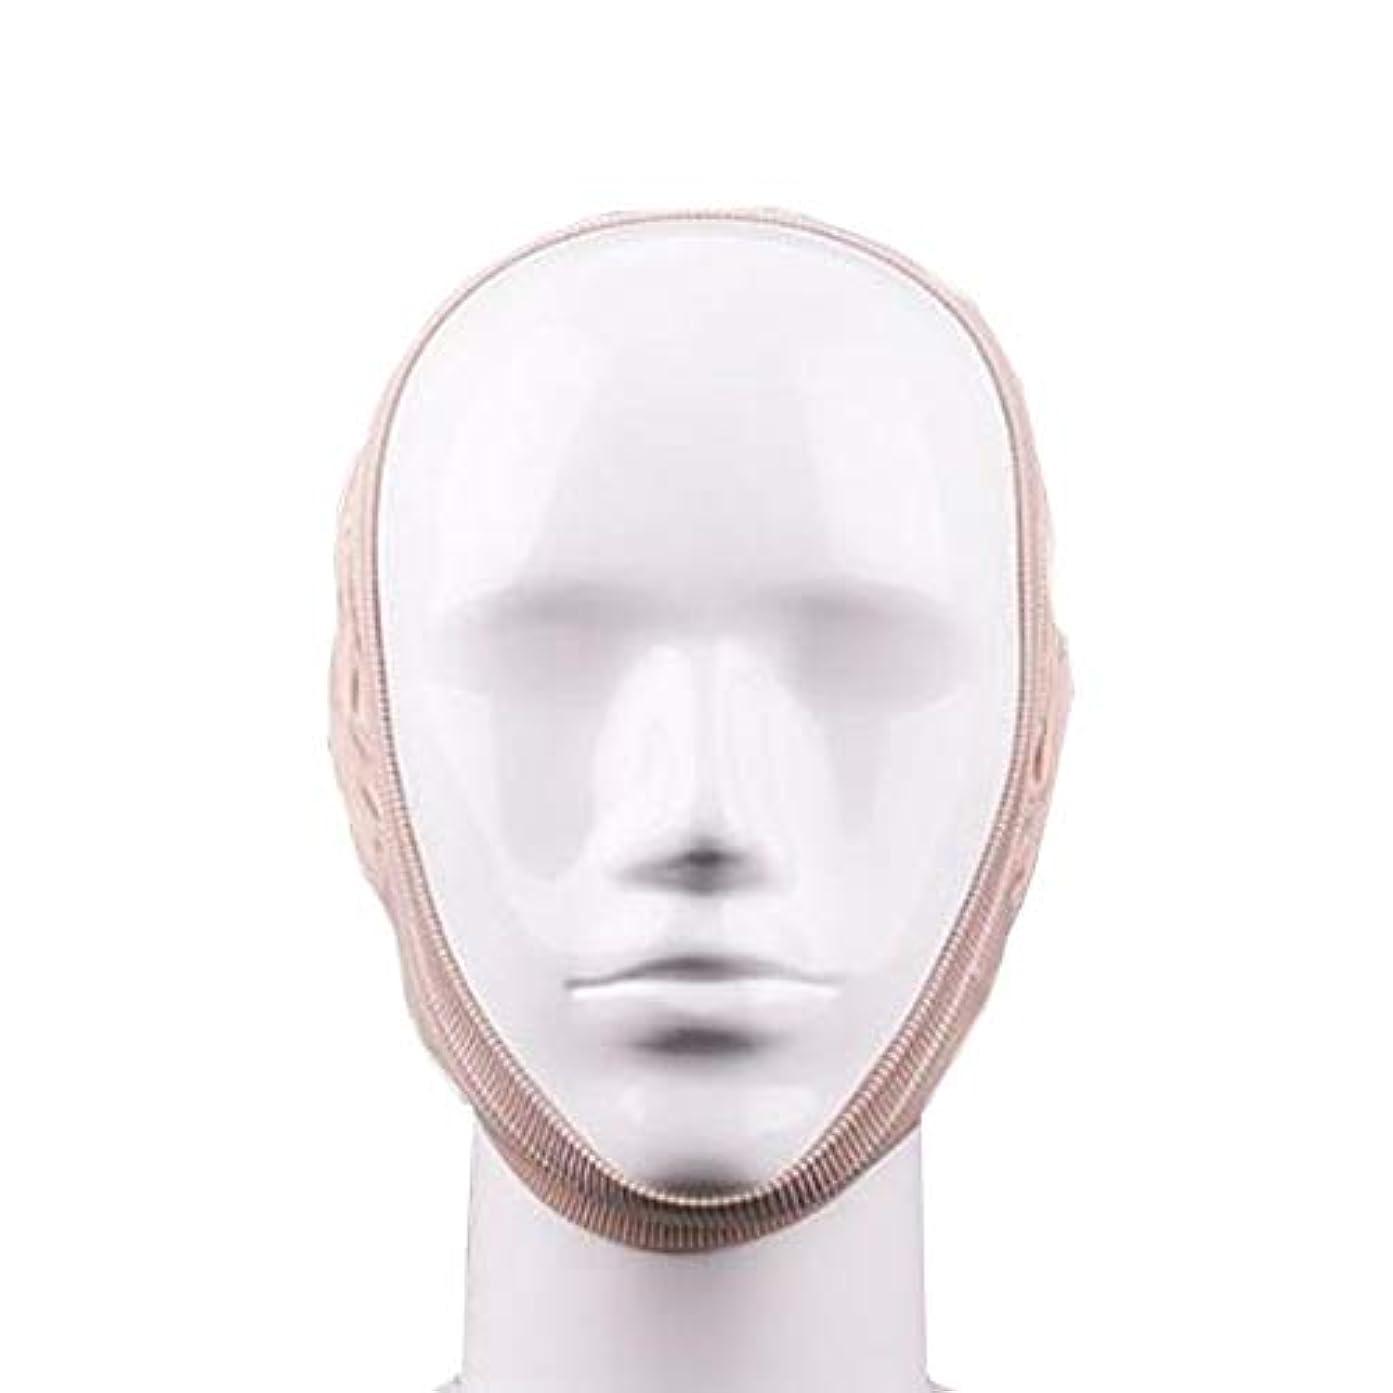 ハイキングに行く漫画重さZWBD フェイスマスク, 顔の包帯の形成を強化するための術後回復包帯リフティングシェイプマスクを刻むVフェイスアーティファクトスモールフェイスマスクライン (Color : B)